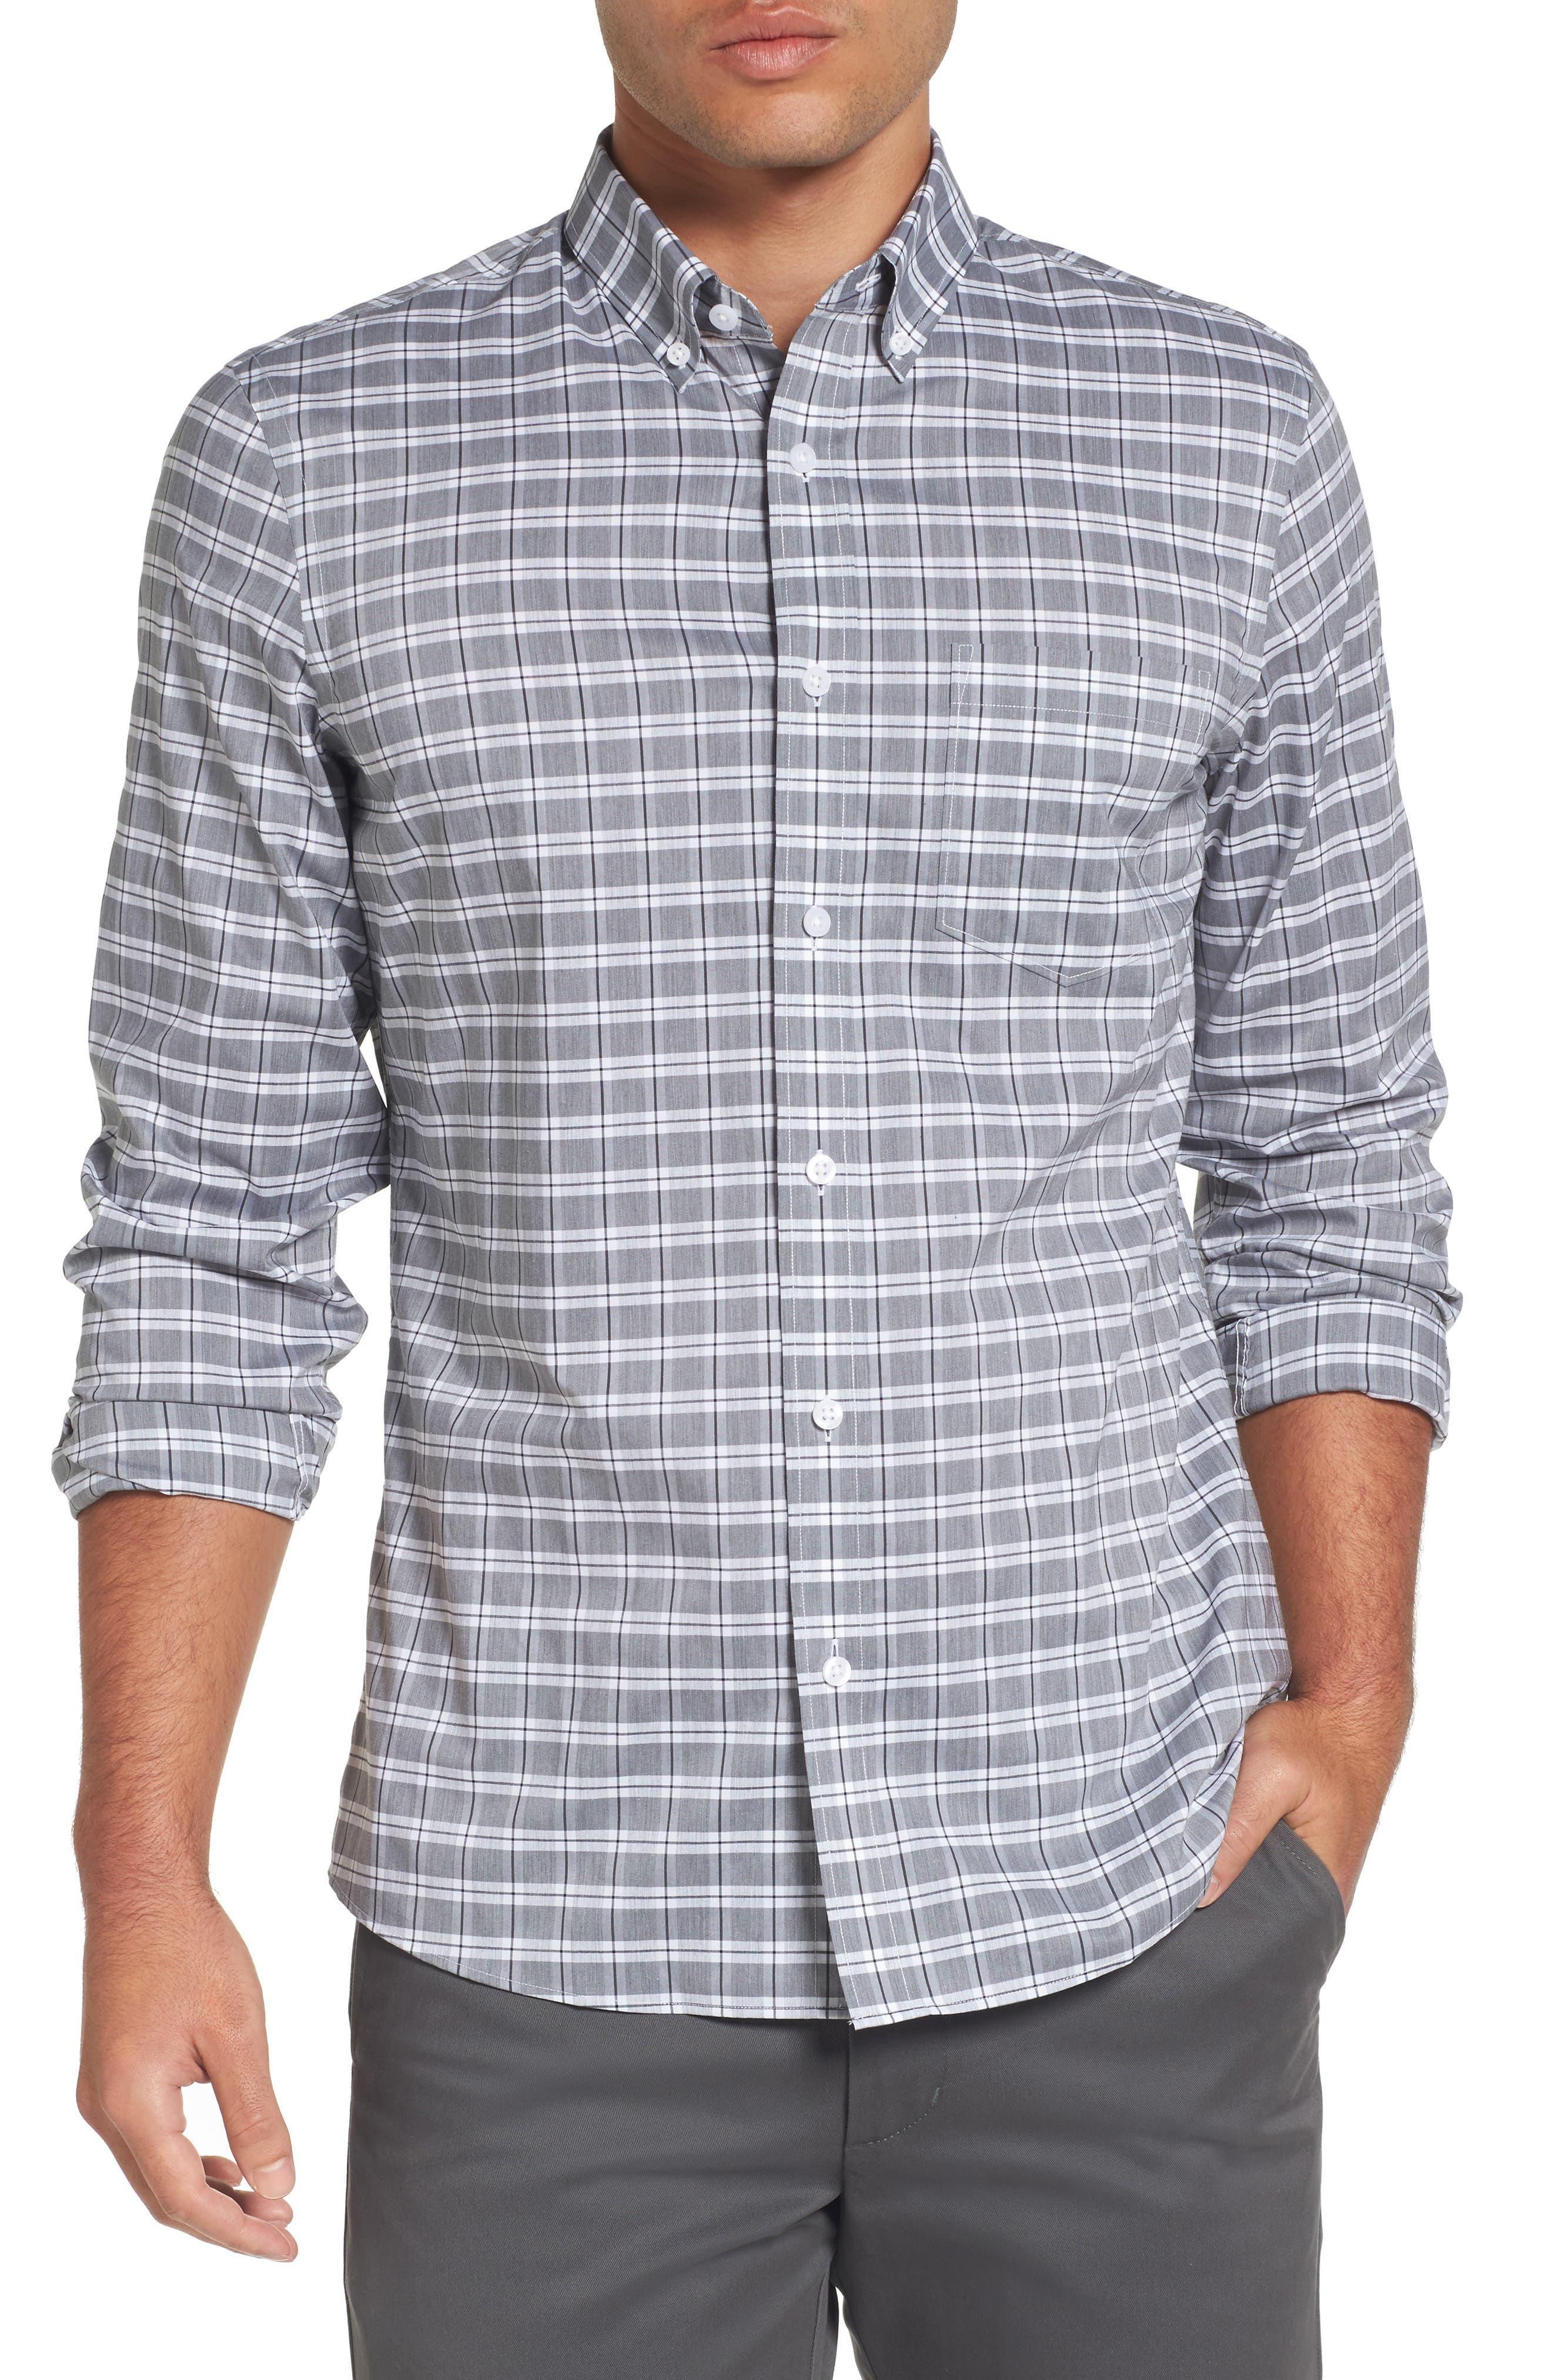 Trim Fit Tech-Smart Heather Check Sport Shirt,                             Main thumbnail 1, color,                             030